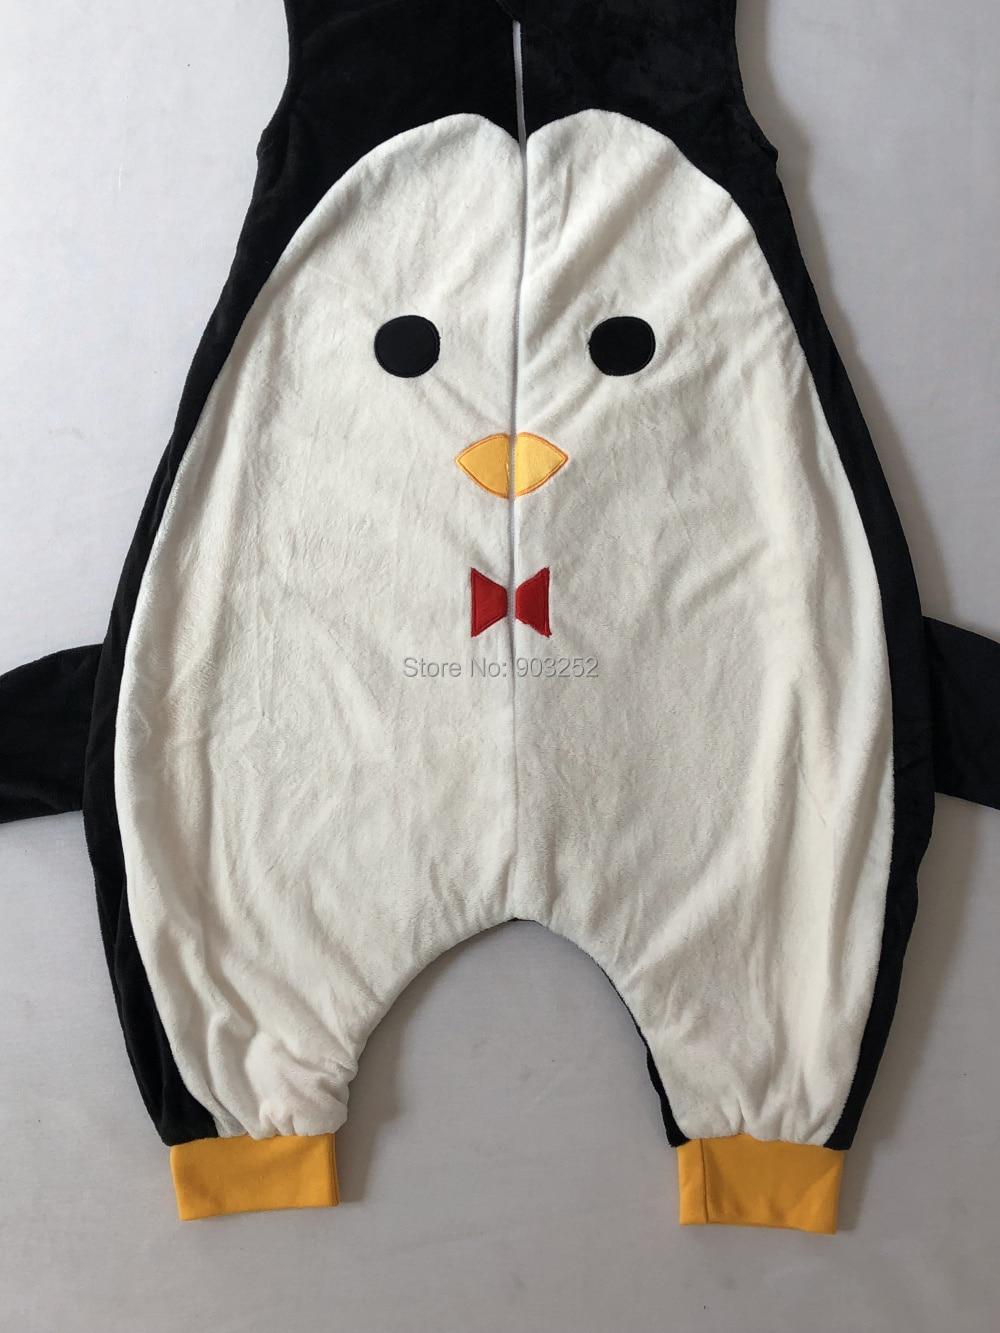 7 видов стилей; детский спальный мешок без рукавов; фланелевые пижамы для маленьких девочек с милым рисунком; спальные мешки для маленьких мальчиков